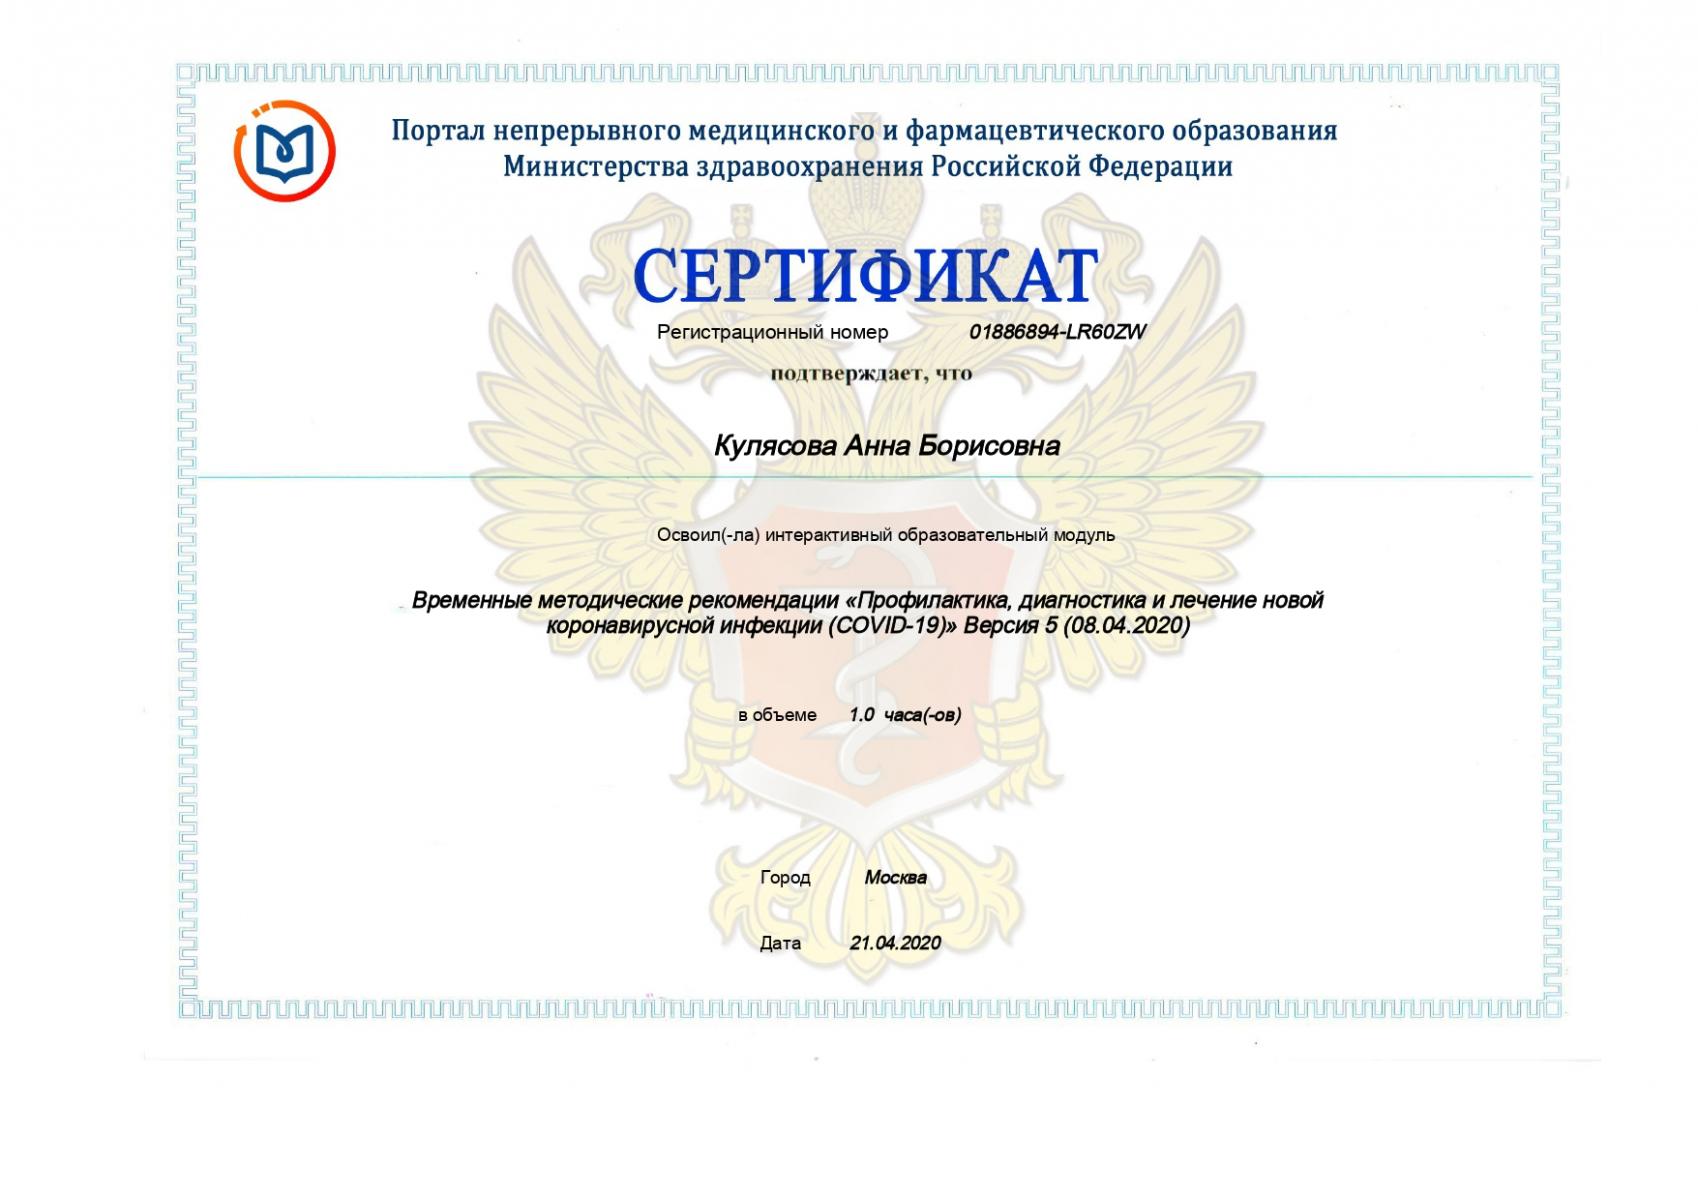 Сертификат_МУ-covid-19_page-0001